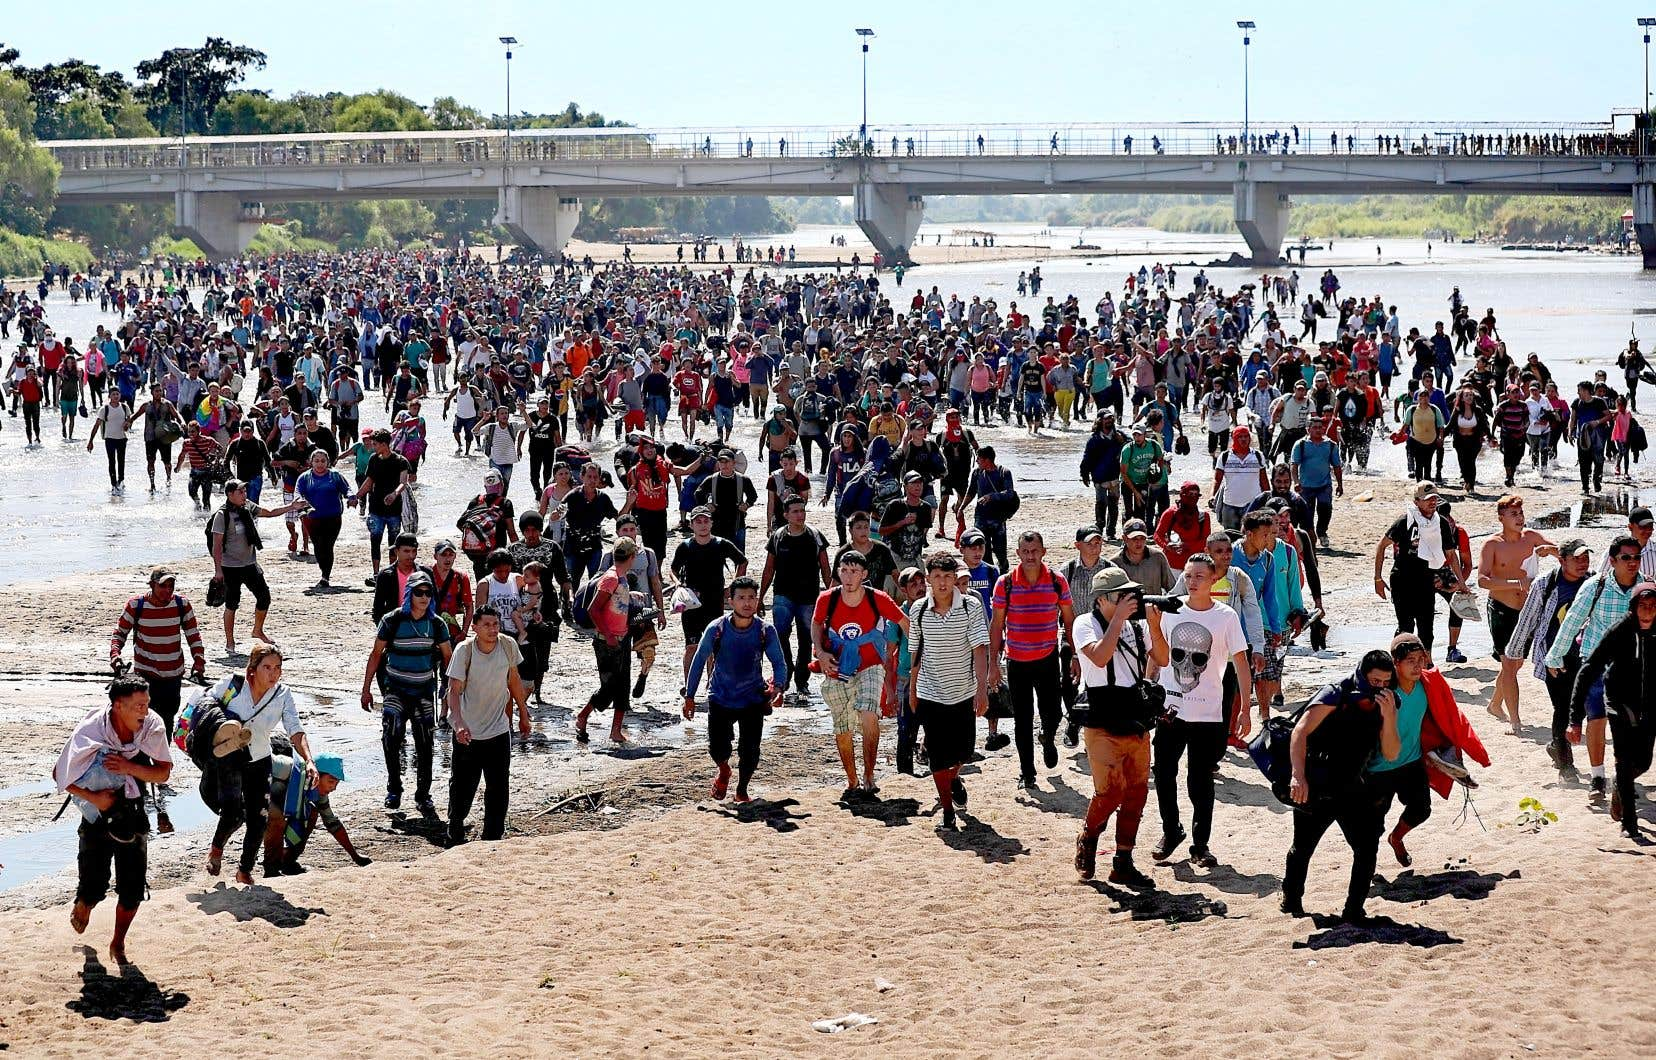 Des centaines de migrants ont traversé le fleuve Suchiate, à la frontière entre le Mexique et le Guatemala, dans l'espoir d'atteindre les États-Unis. Ils se sont heurtés à un tir de barrage de gaz lacrymogène des forces de sécurité.